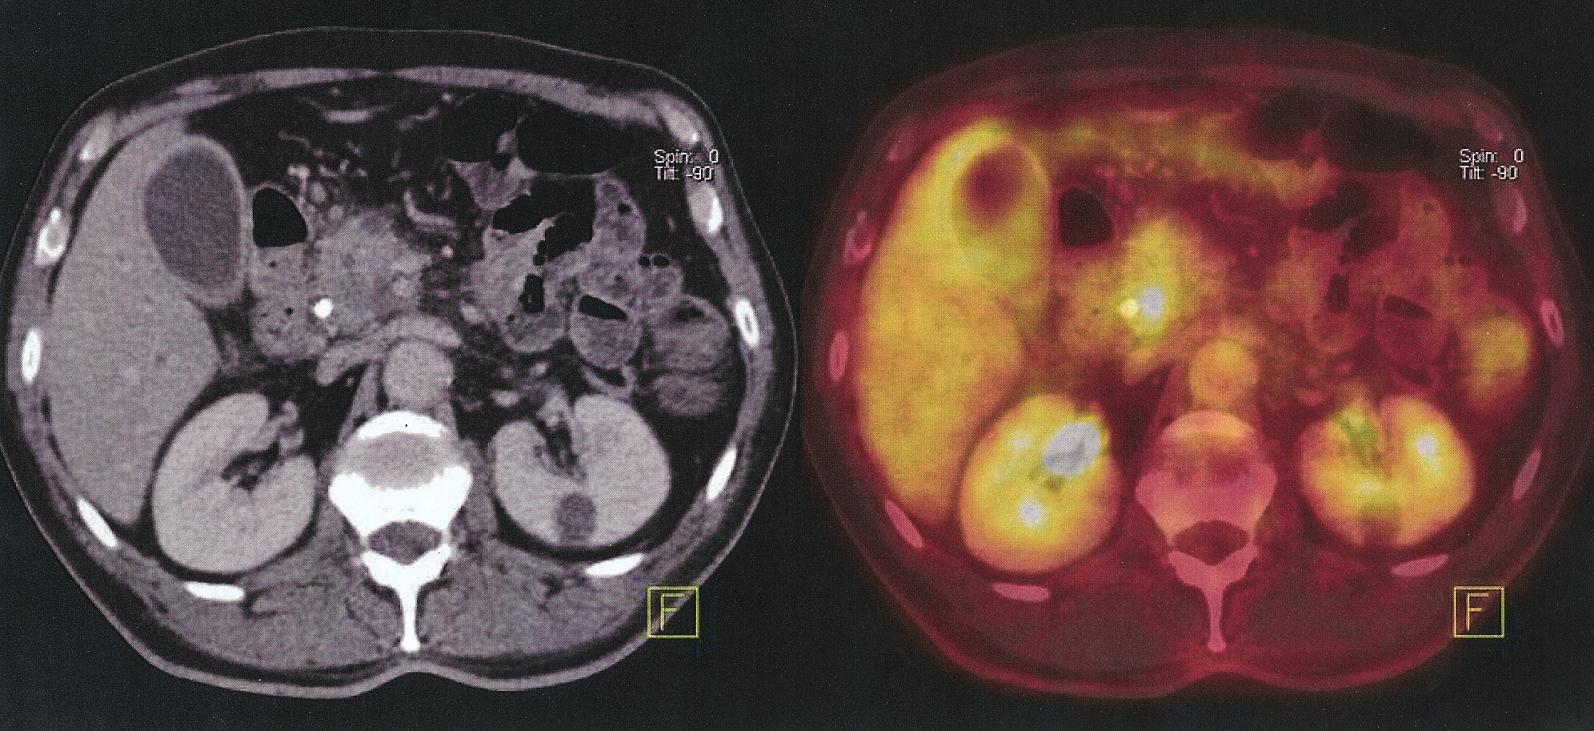 Nemocný s maligním ampulomem. Falešná pozitivita – PET/CT prokazuje metastázu jater, provedena pravostranná duodenopankreatektomie, ložisko v játrech benigní hamartom Fig. 4. Patient with malignant ampuloma. False positive finding – PET/CT identifies liver metastases, performed right sided duodenopancreatectomy, lesion in liver is benign hamartoma